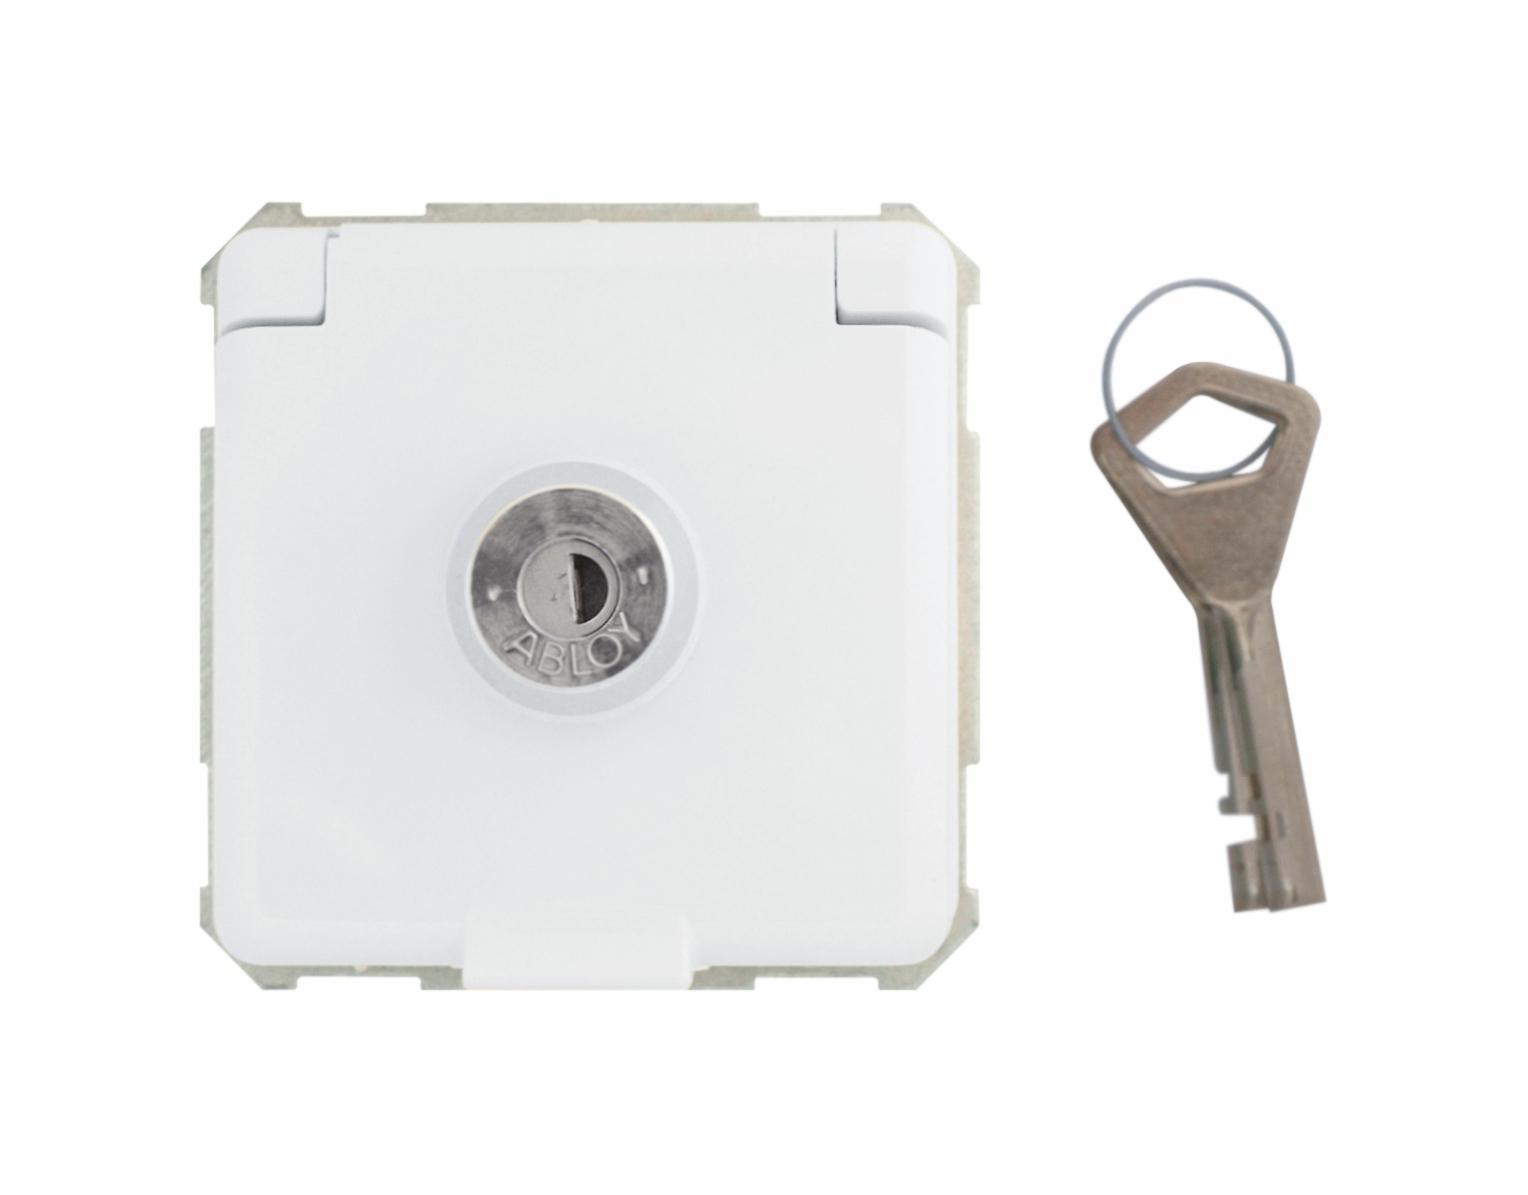 1 Stk Steckdoseneinsatz abschließbar, verschiedene Schließungen pw EL225060--